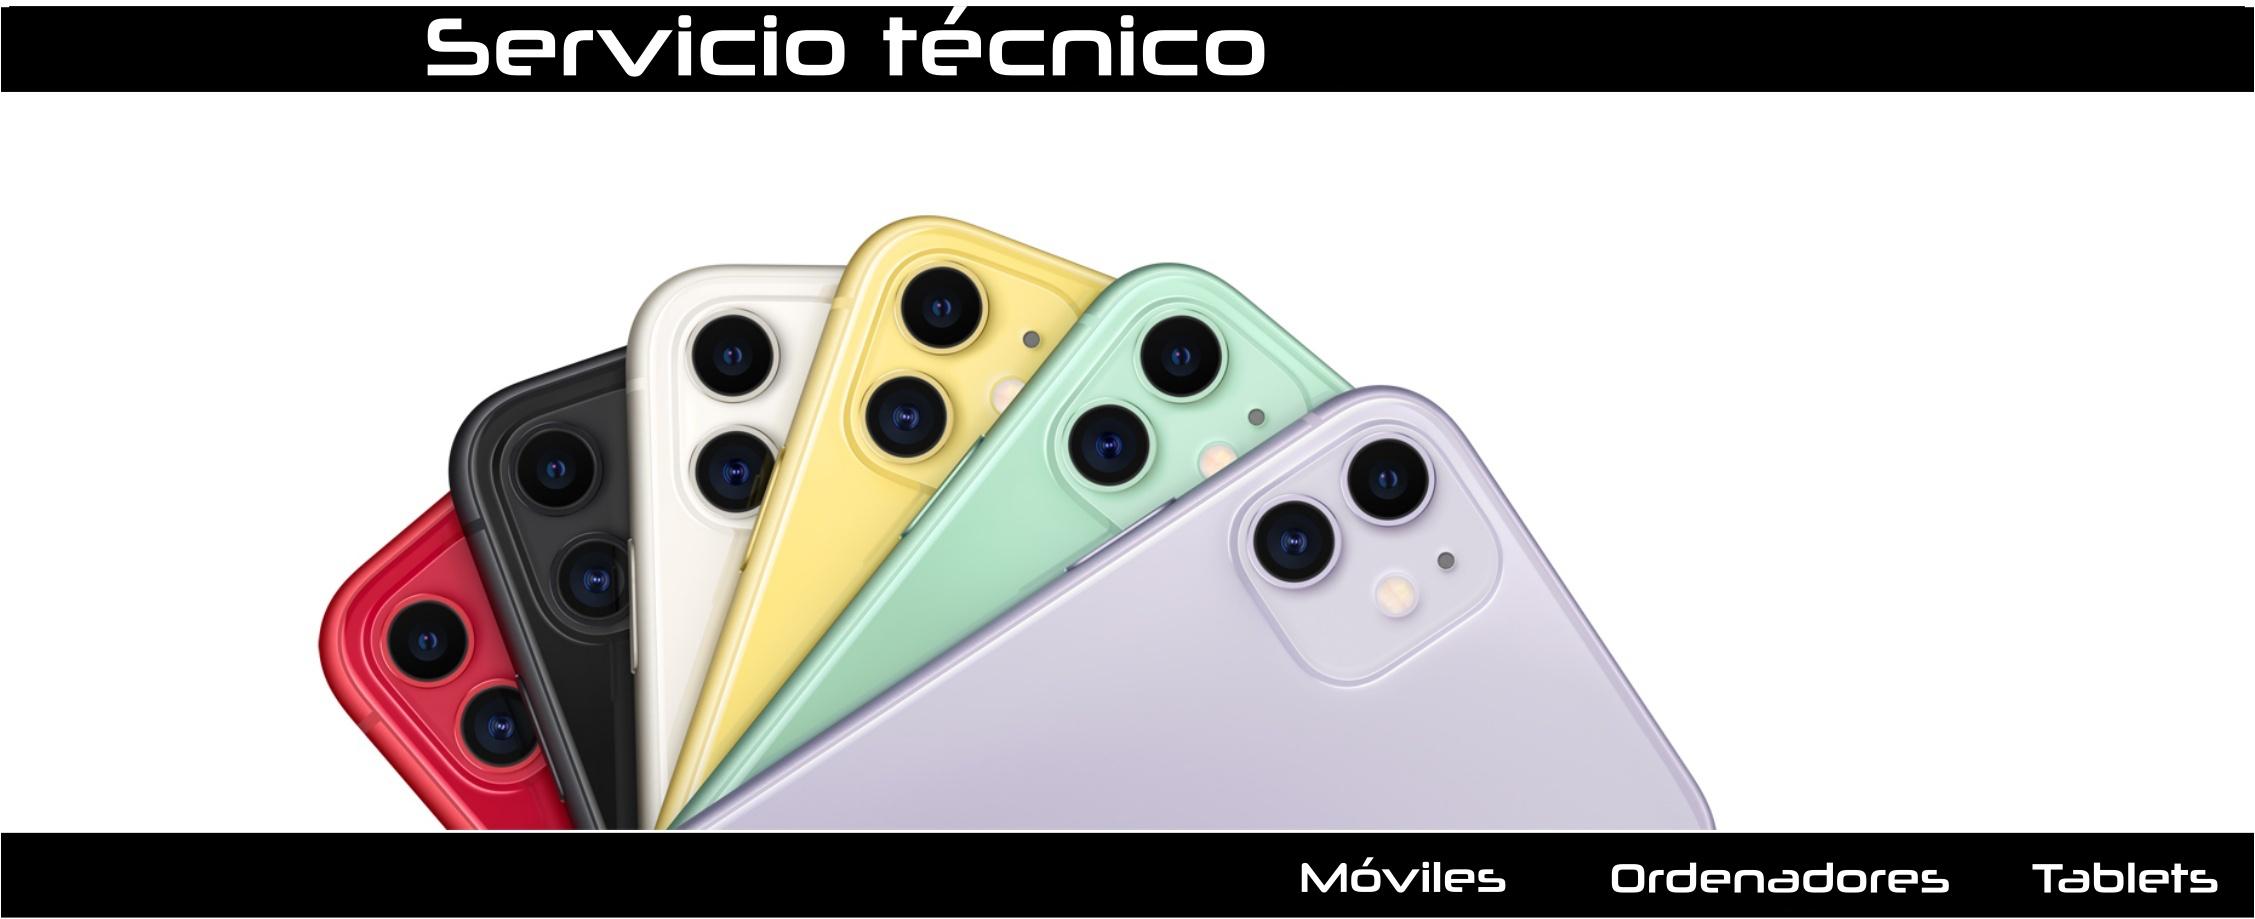 servicio tecnico moli Alcatel